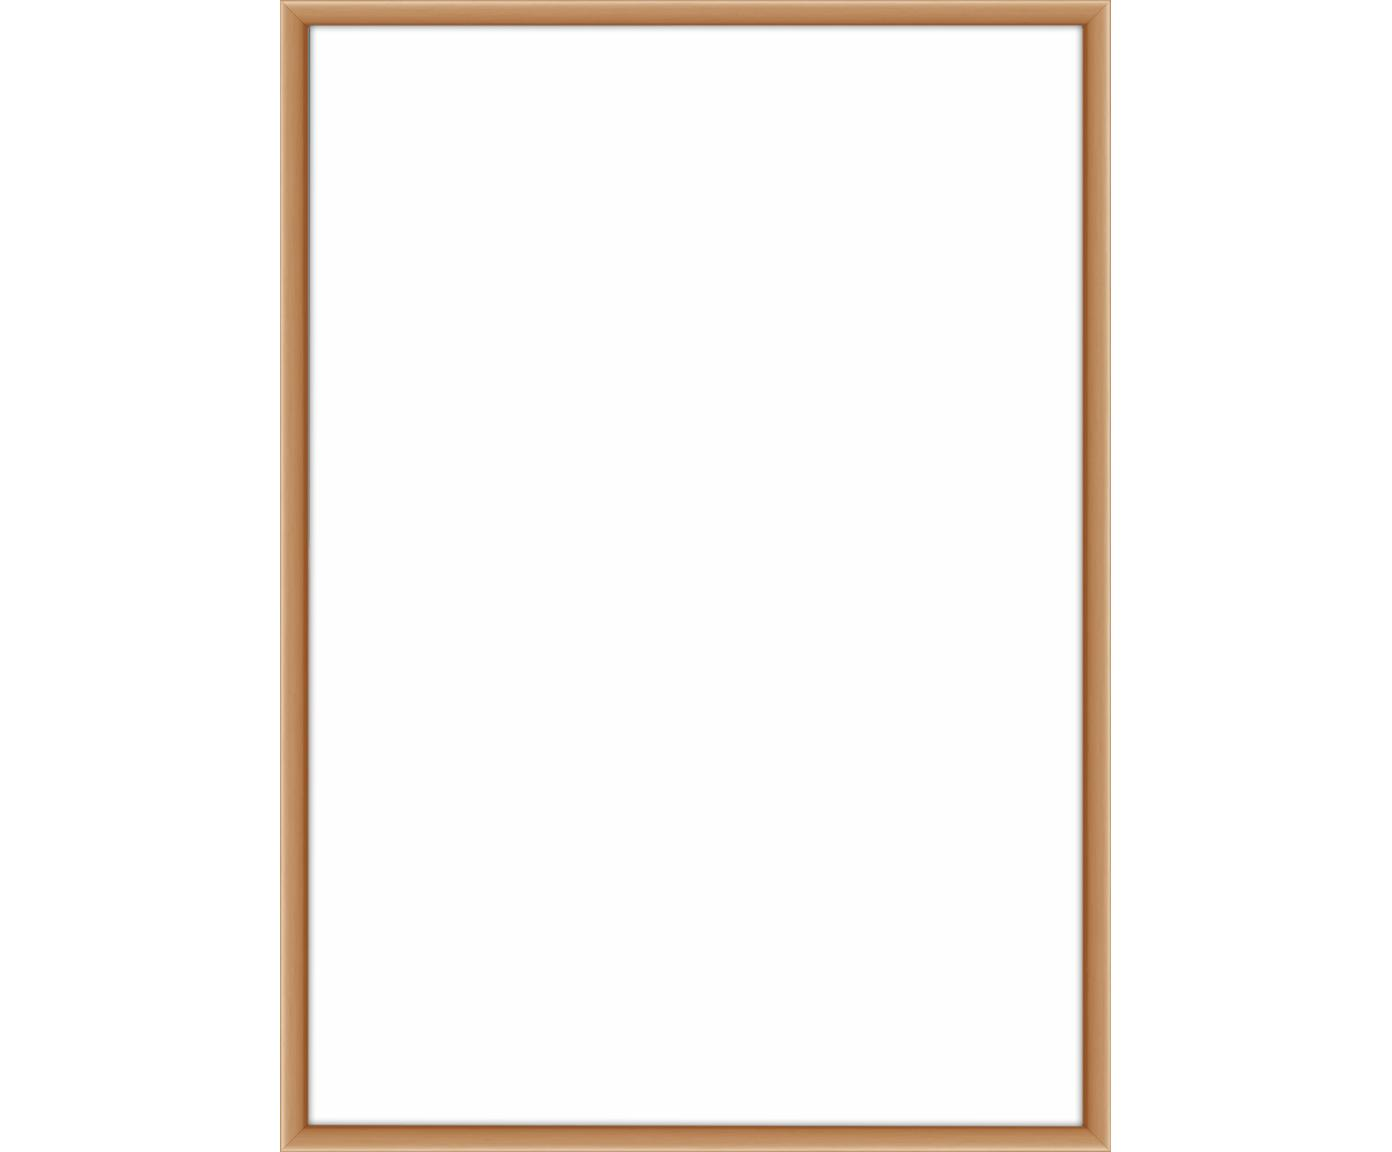 Fotolijstje Accent, Lijst: gecoat aluminium, Koperkleurig, 21 x 30 cm